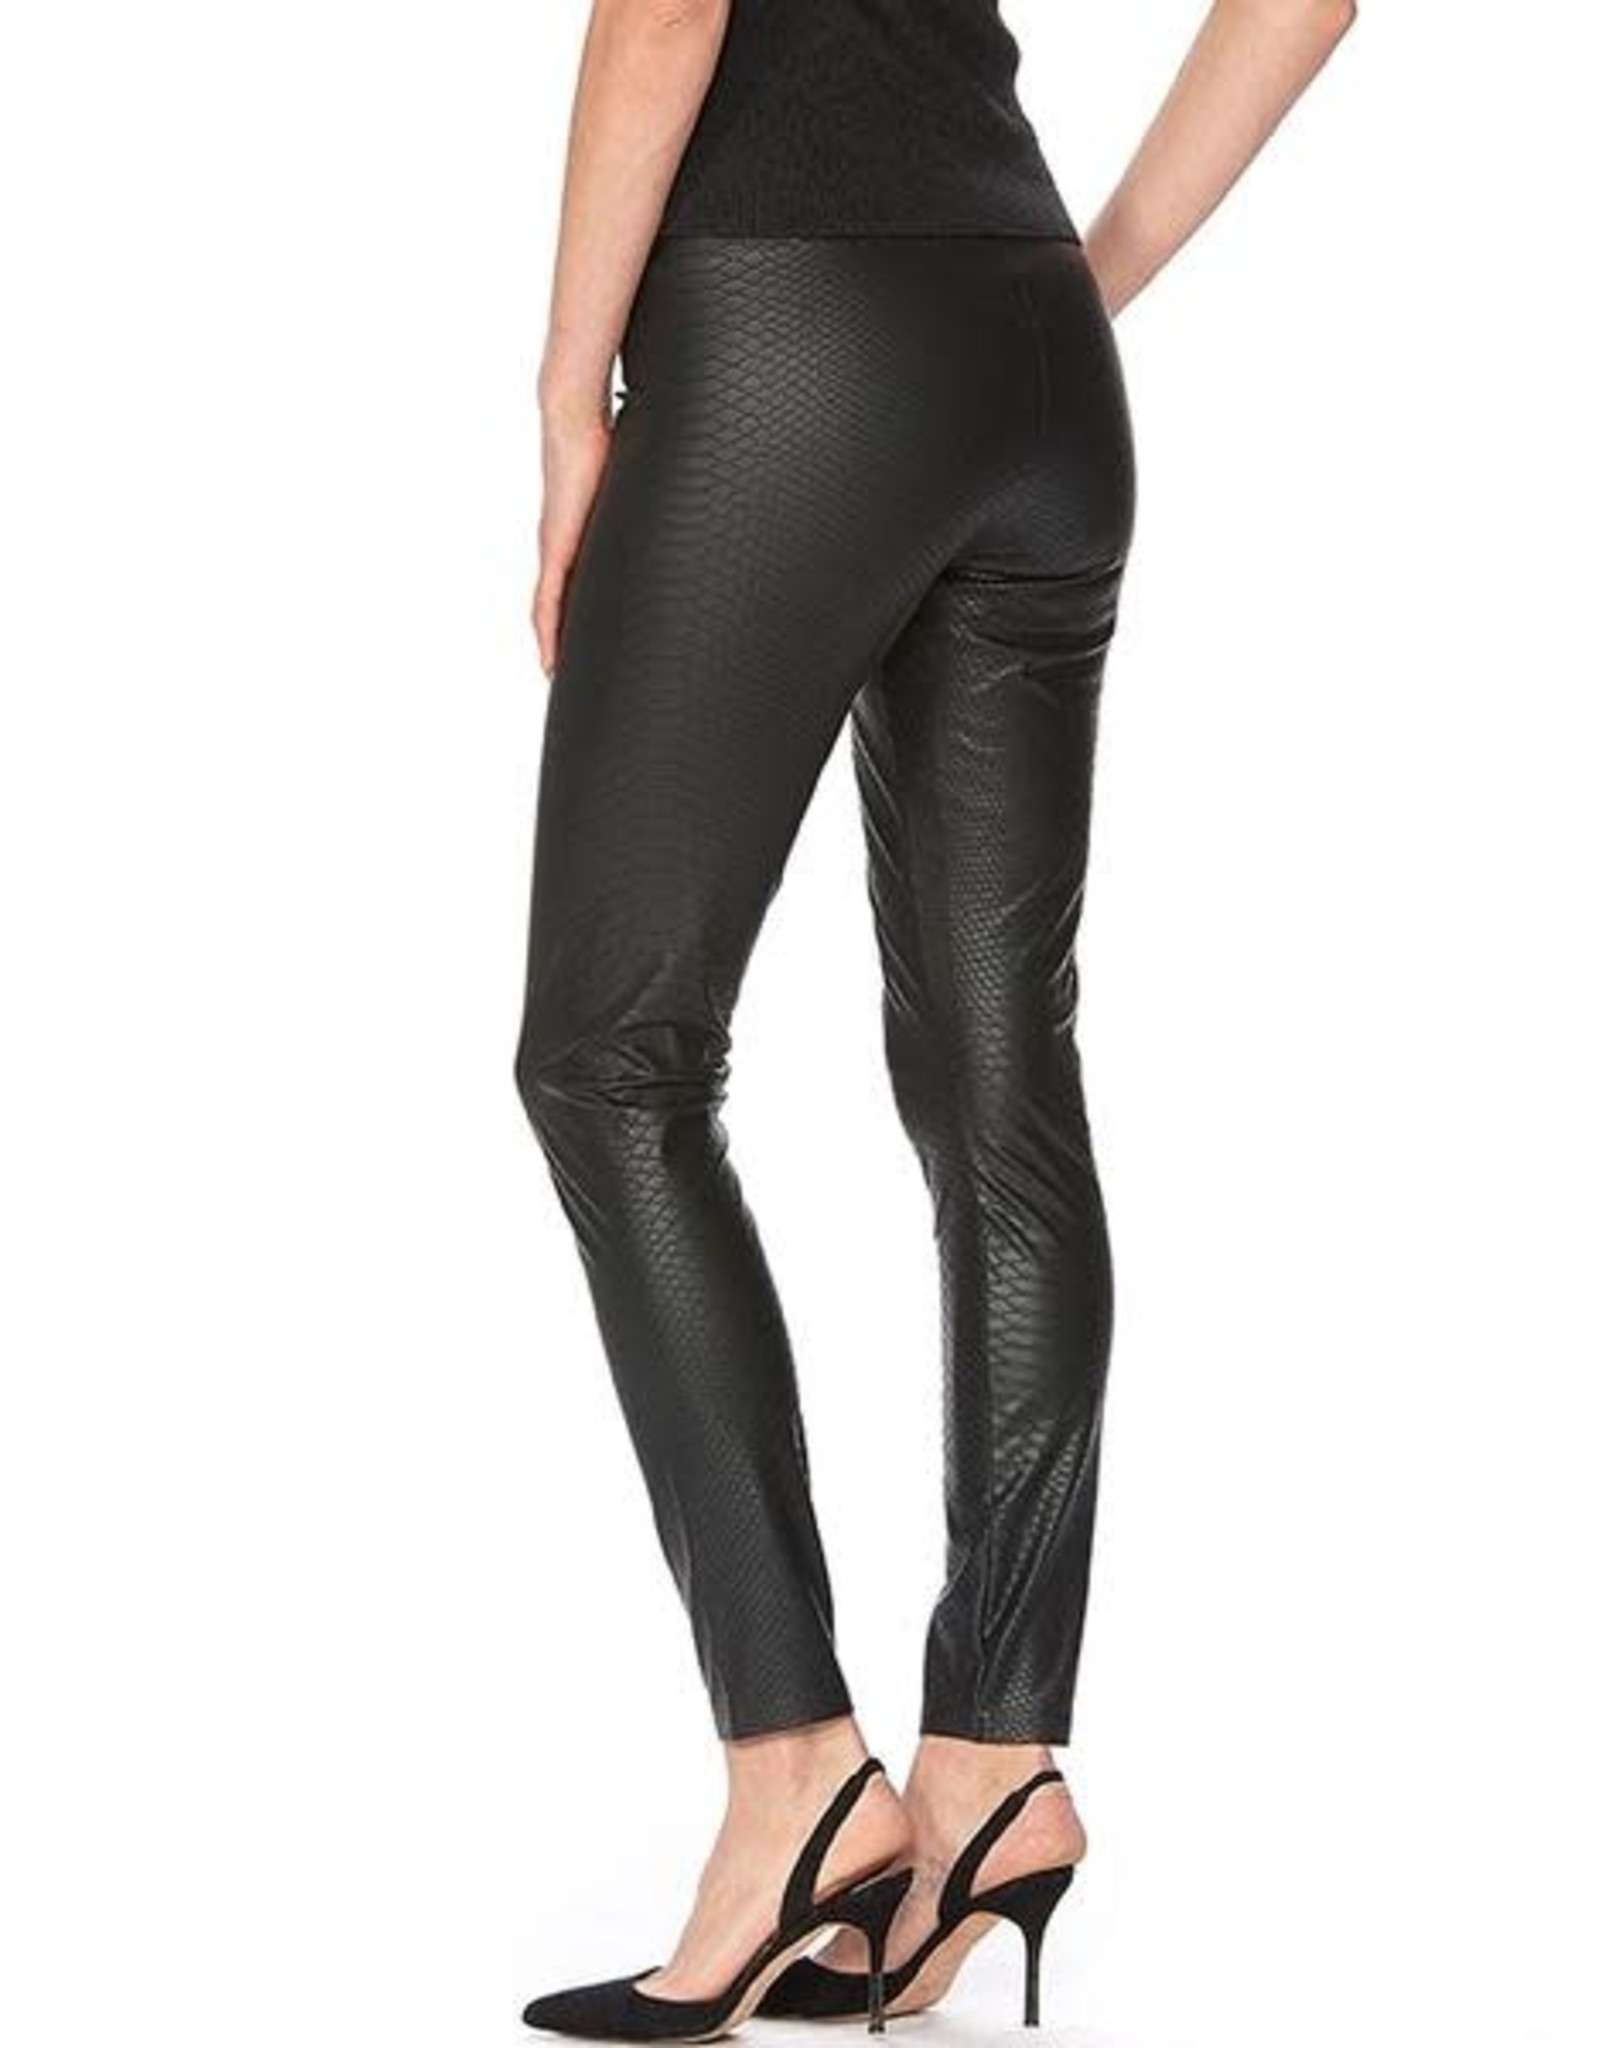 Hue Legging Taille Haute Croco Leatherette Hue 22165